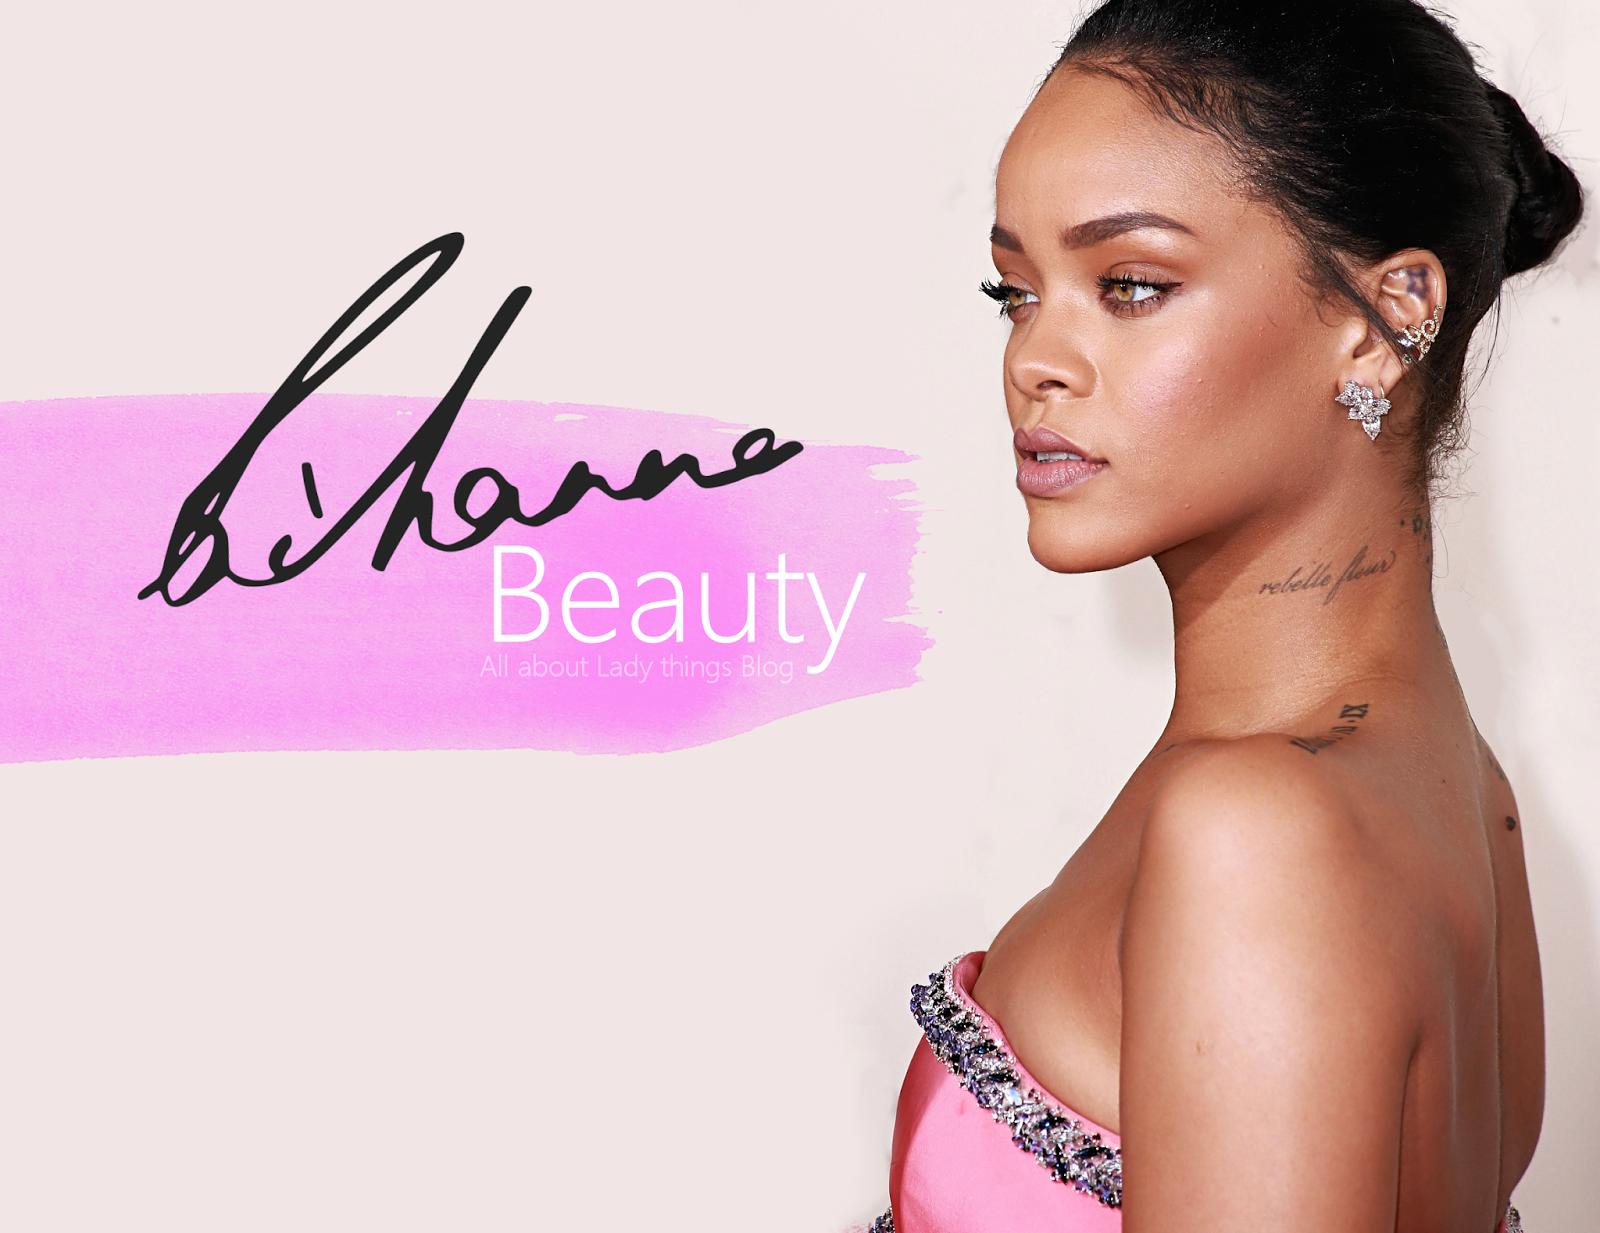 Rihanna Beauty Book